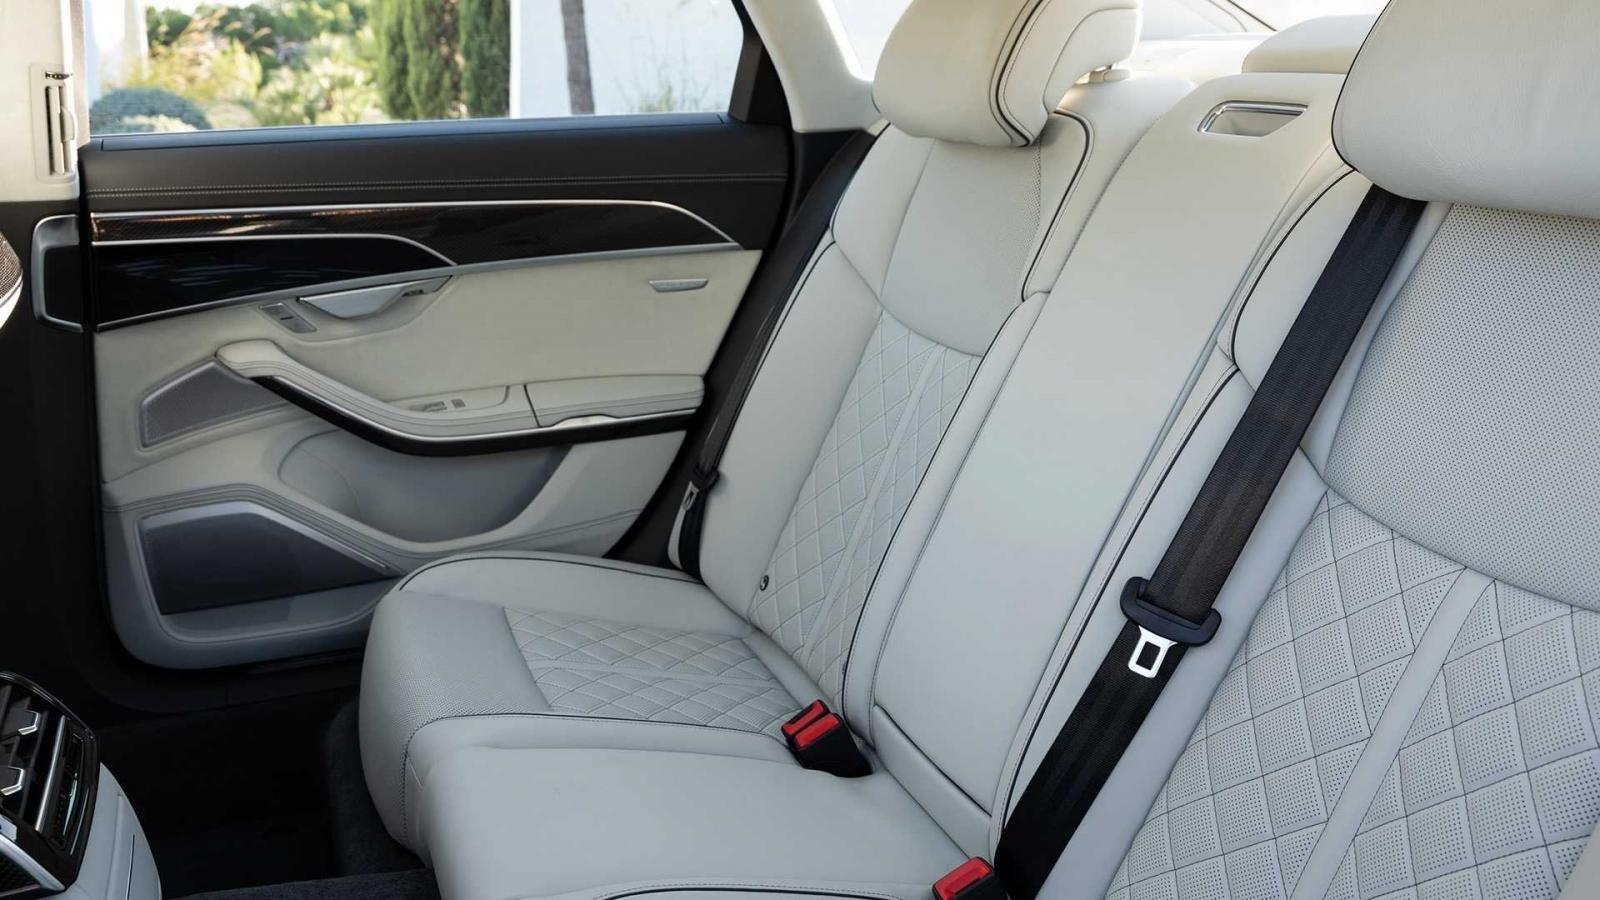 Đánh giá xe Aud S8 2020 về hệ thống ghế ngồi - ghế sau